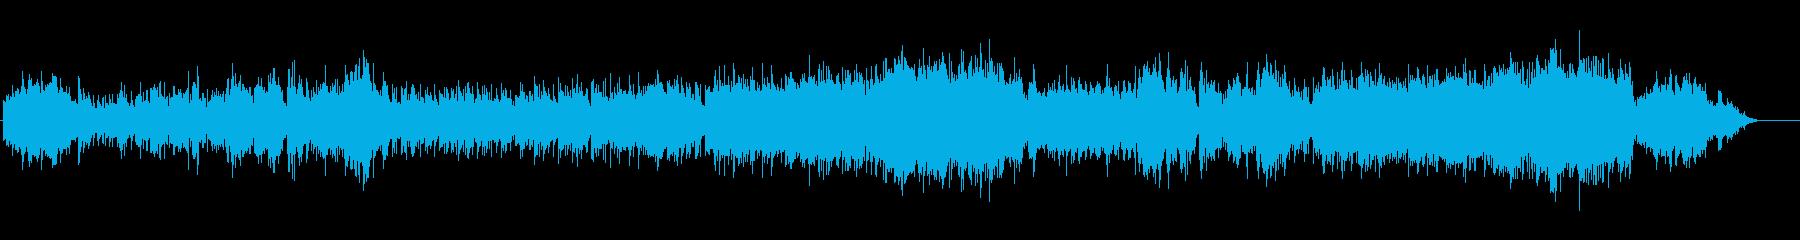 望郷の懐かしい和風ほのぼの歌謡の再生済みの波形